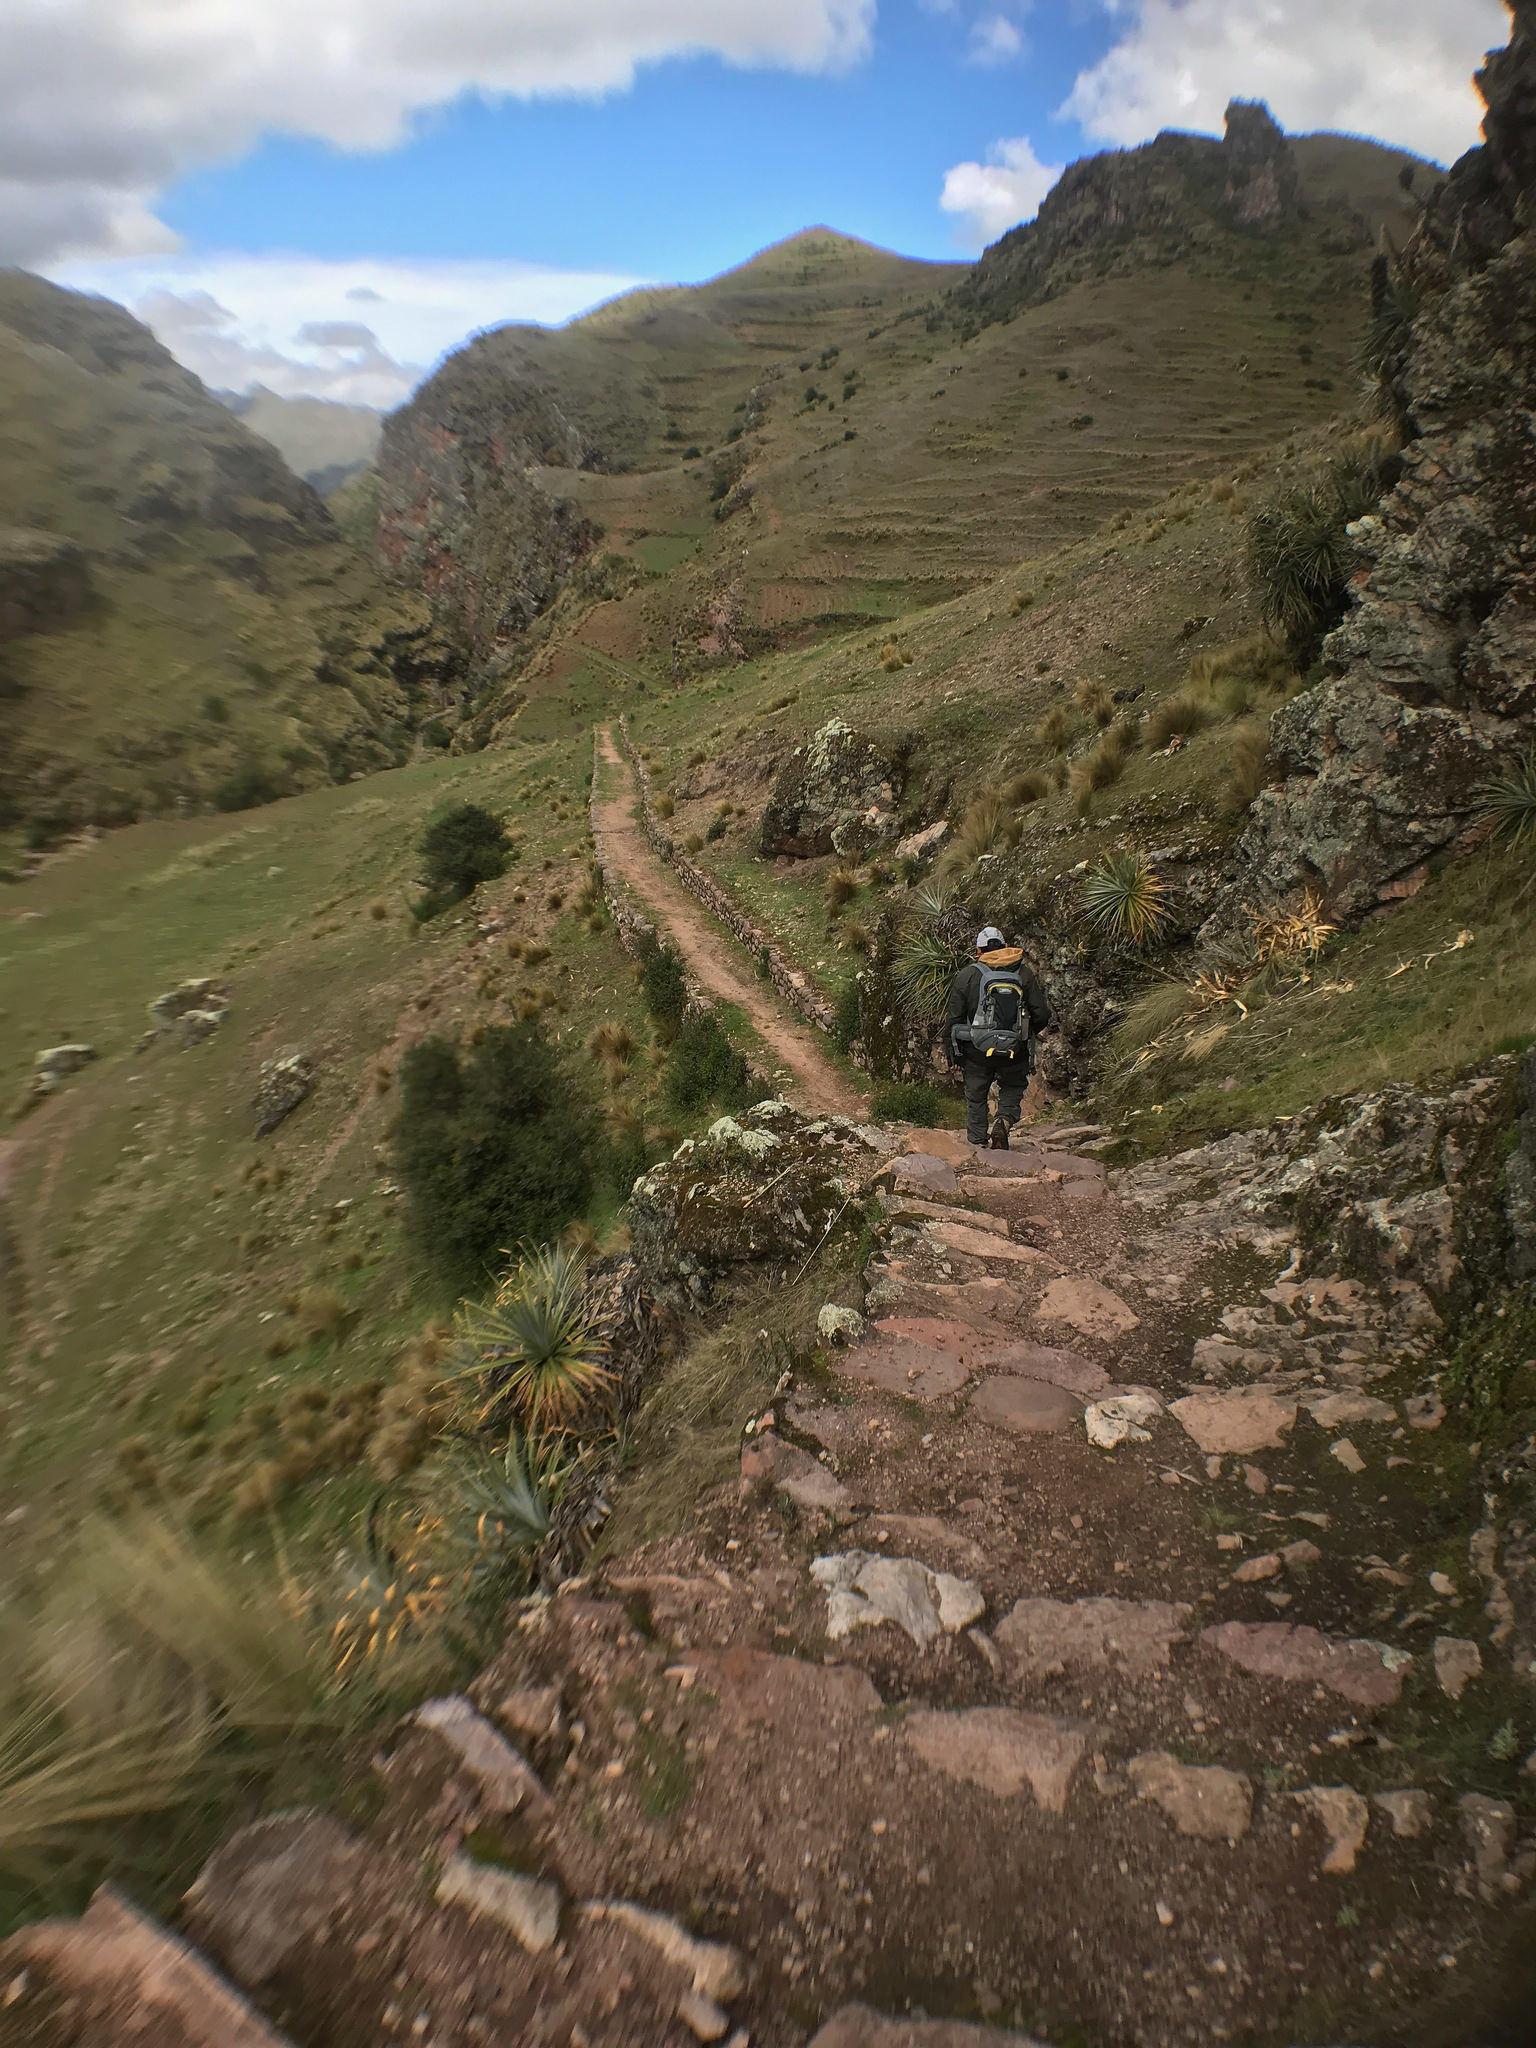 MAIS FOTOS, Trajeto de Huchuy Qosqo até Machu Picchu 3 dias - 2 noites